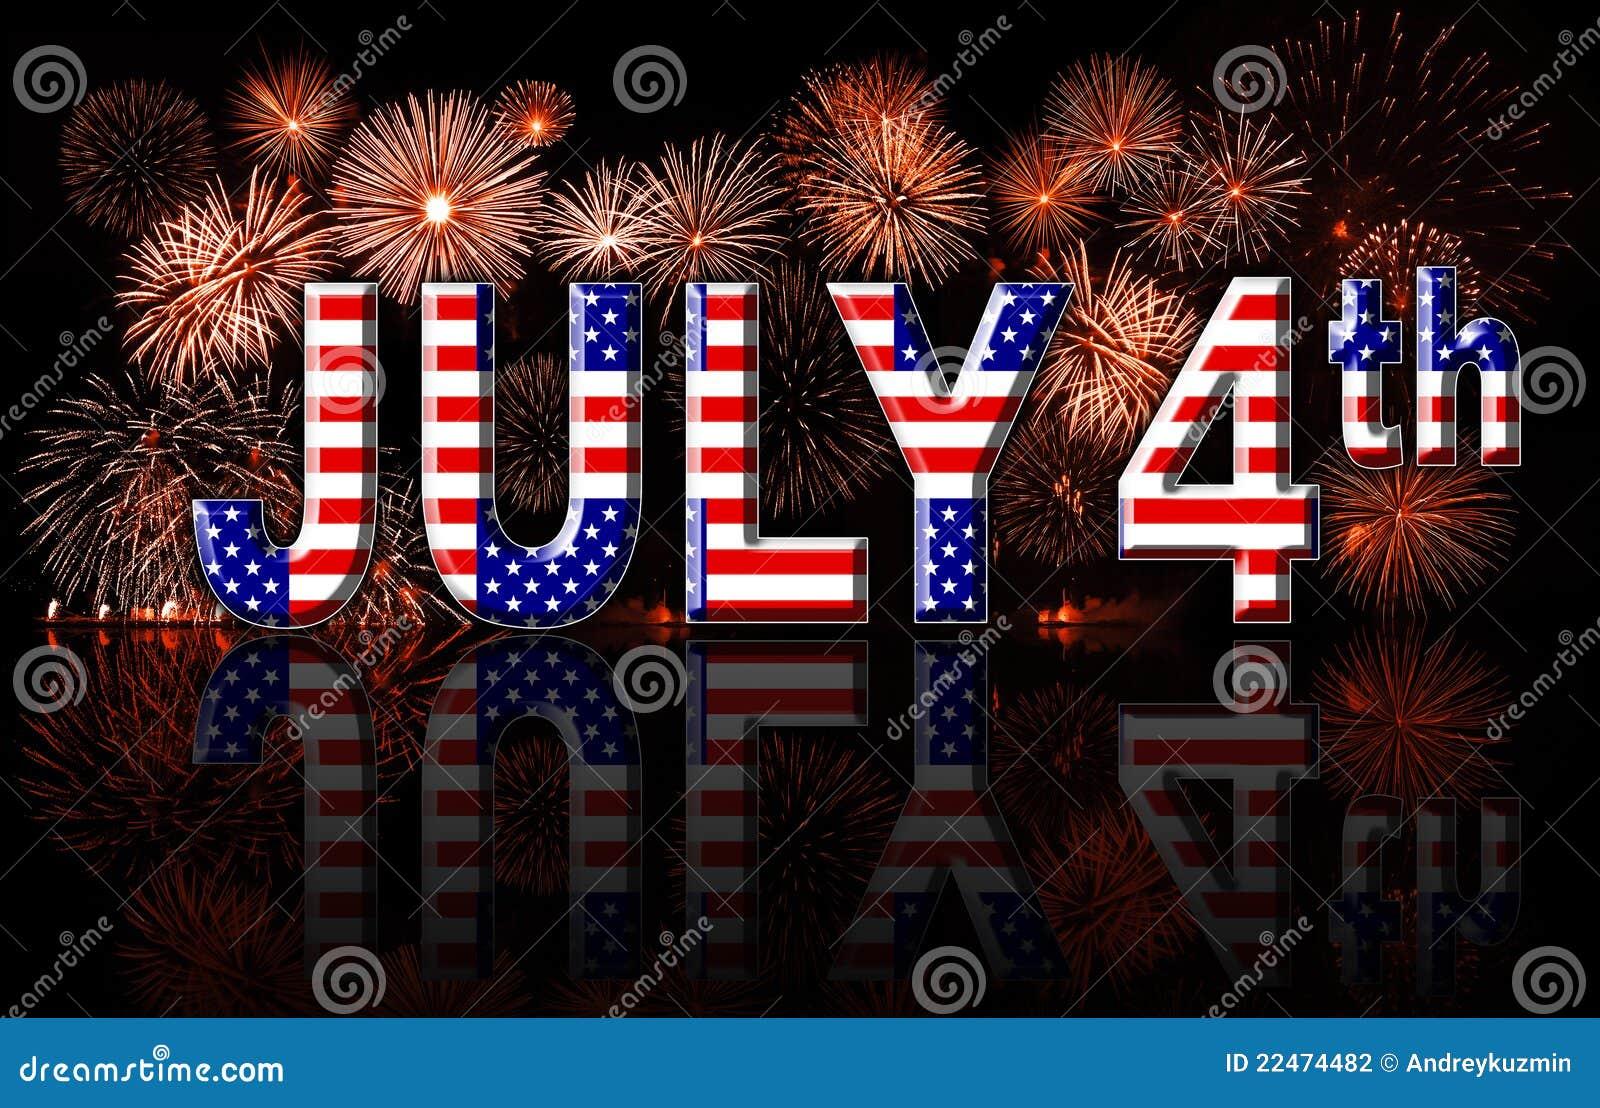 Dzień Niepodległości 4th Lipiec pojęcie